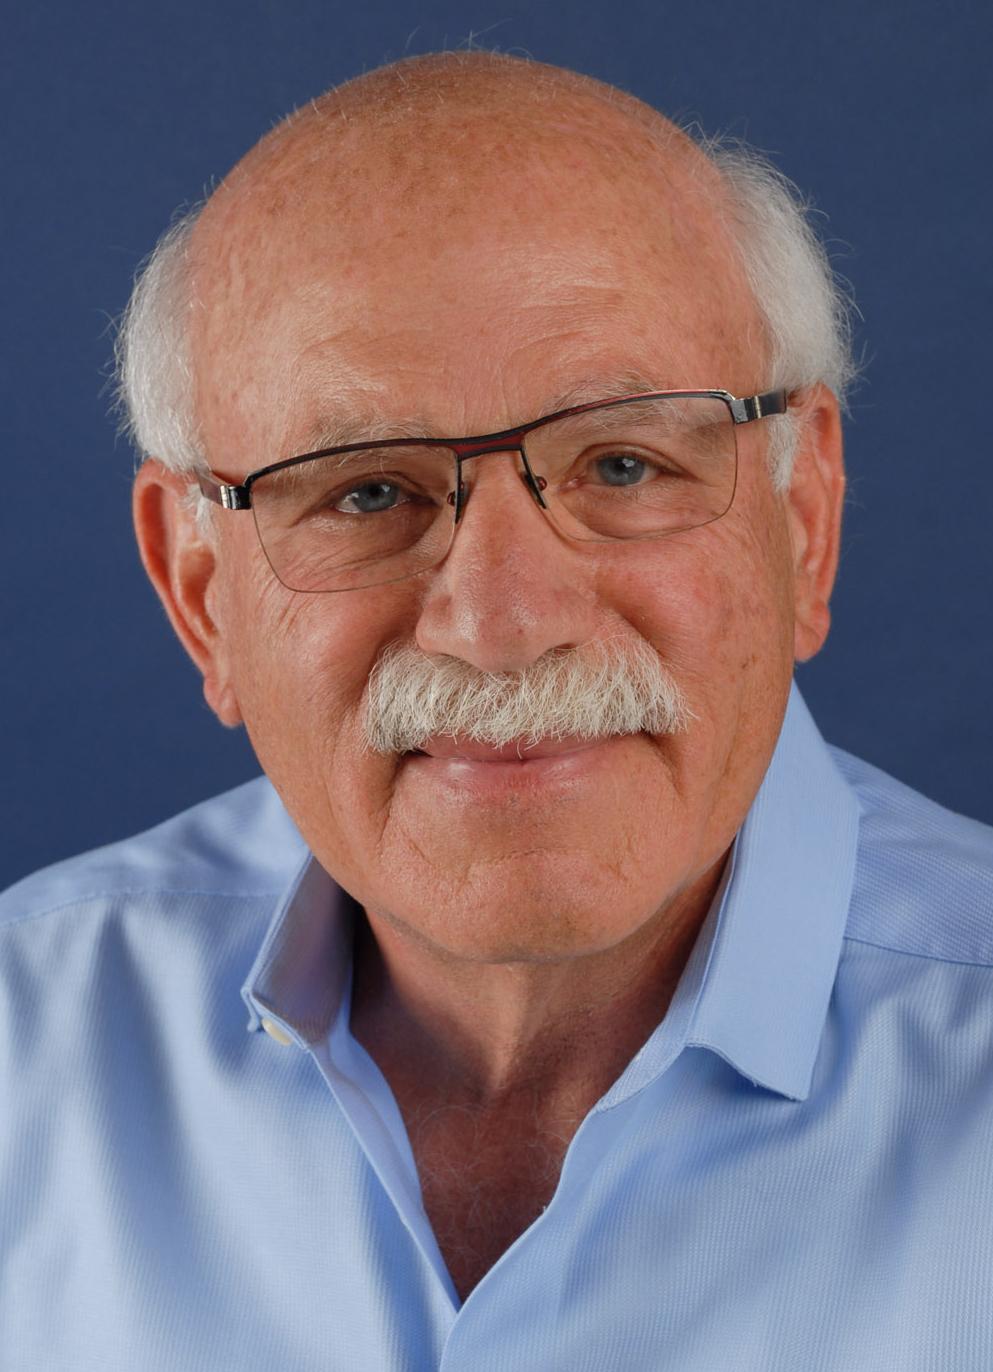 Steven Rosenberg Mediation Trainer